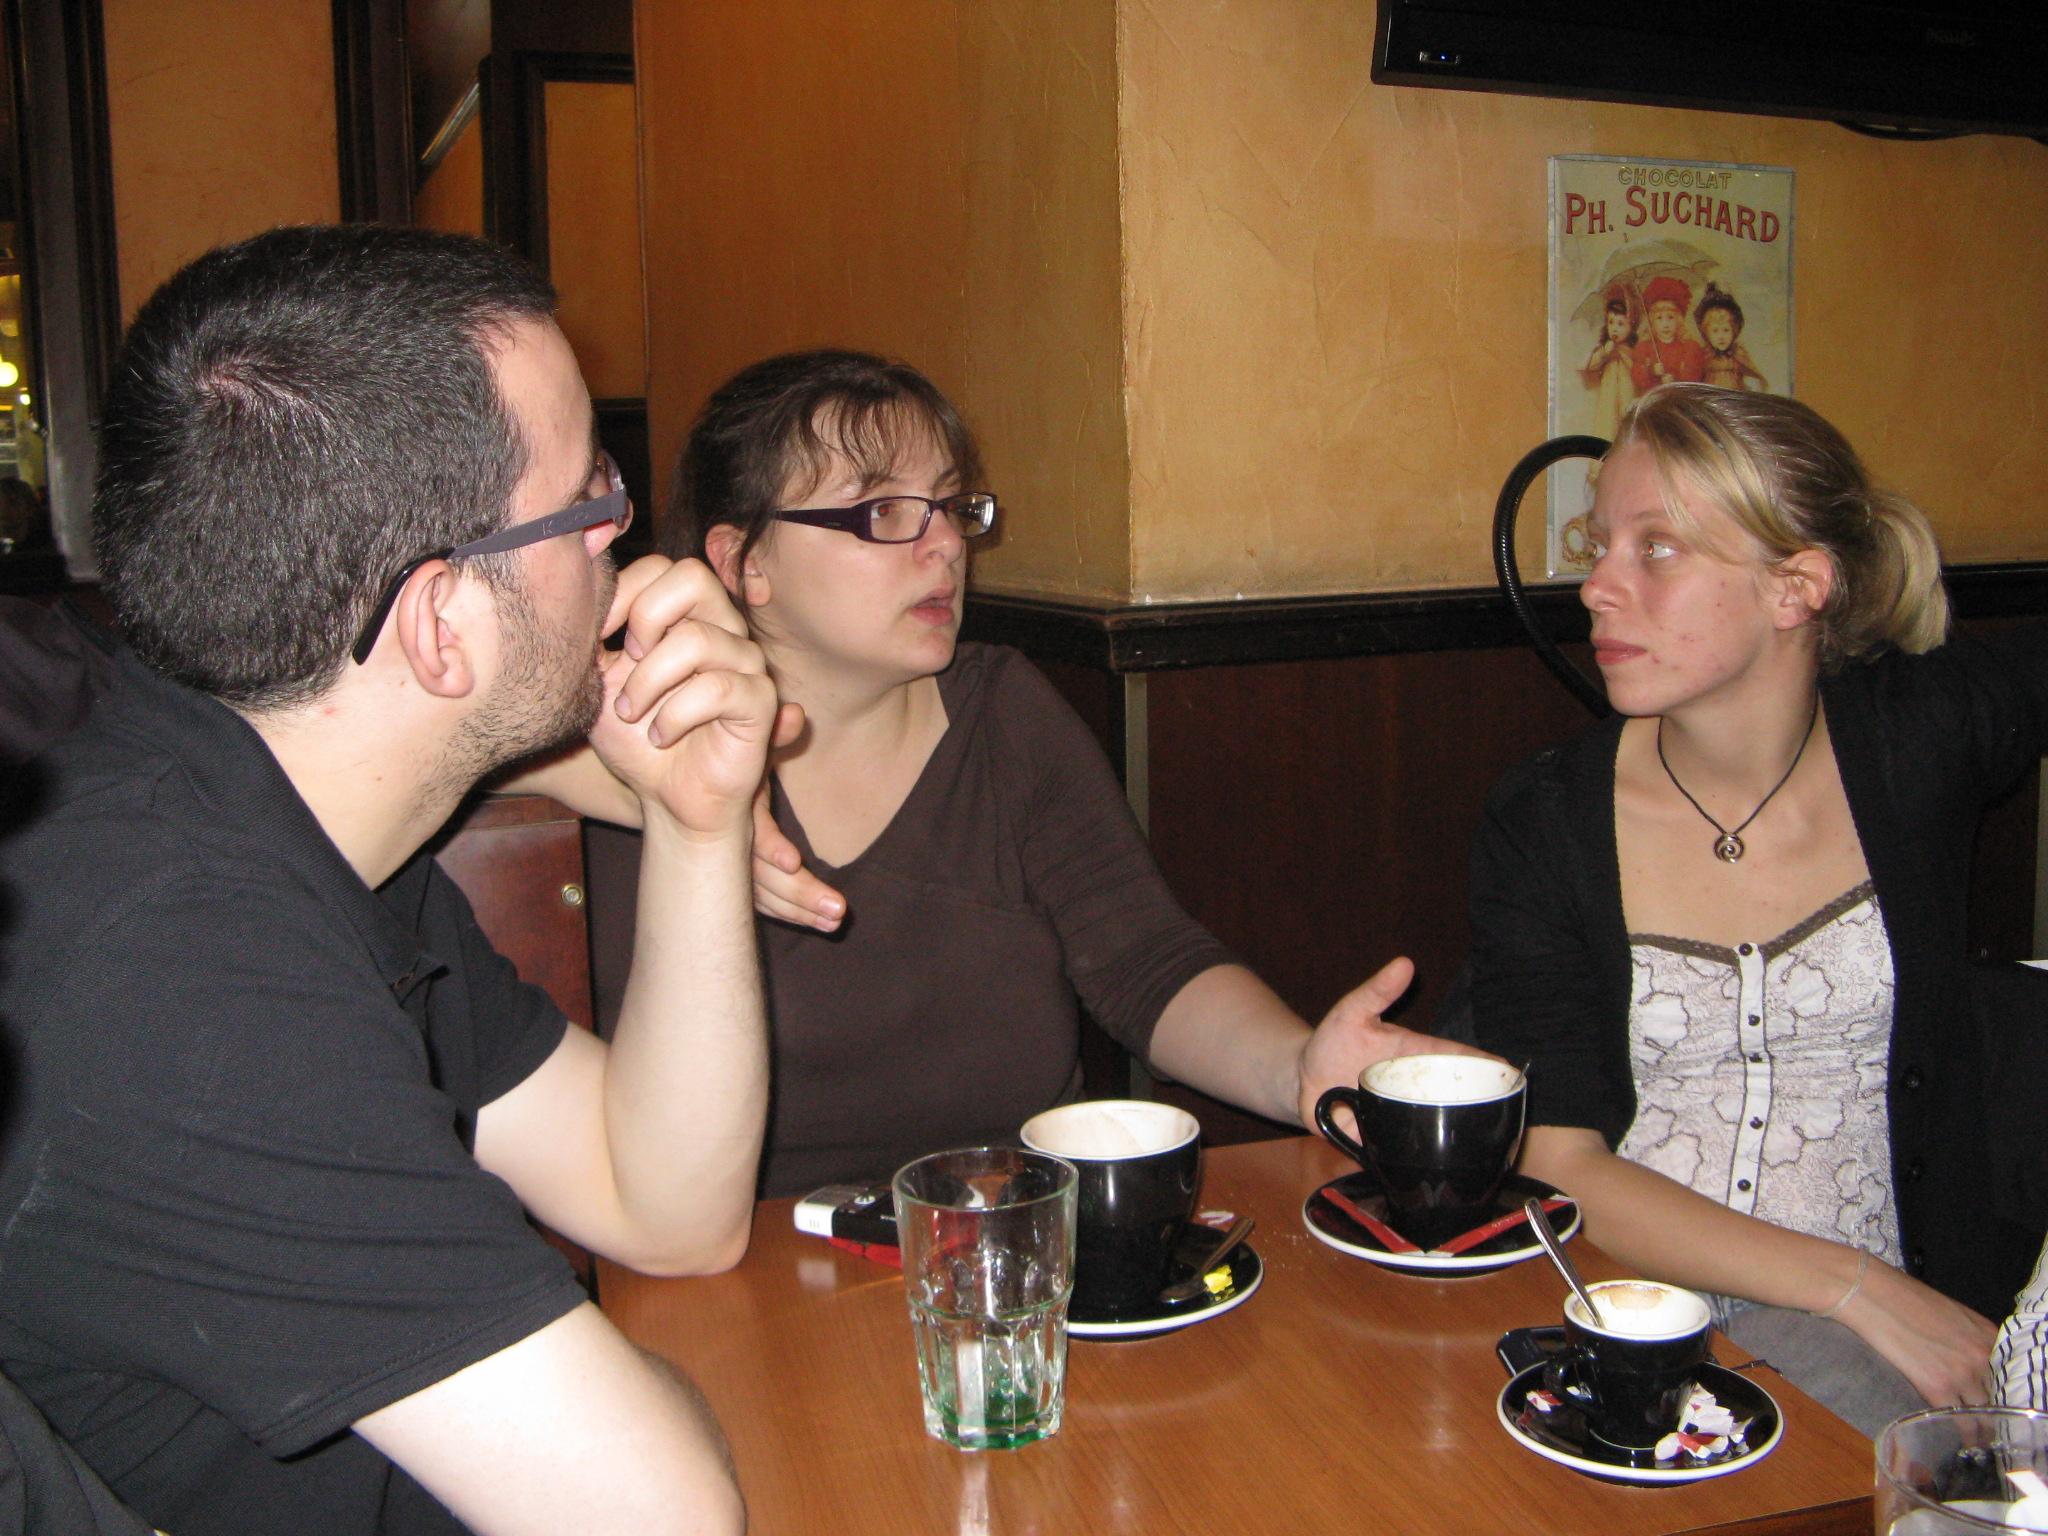 Photo 92 - Boba.fett7, Padmeia et Mara_Jade